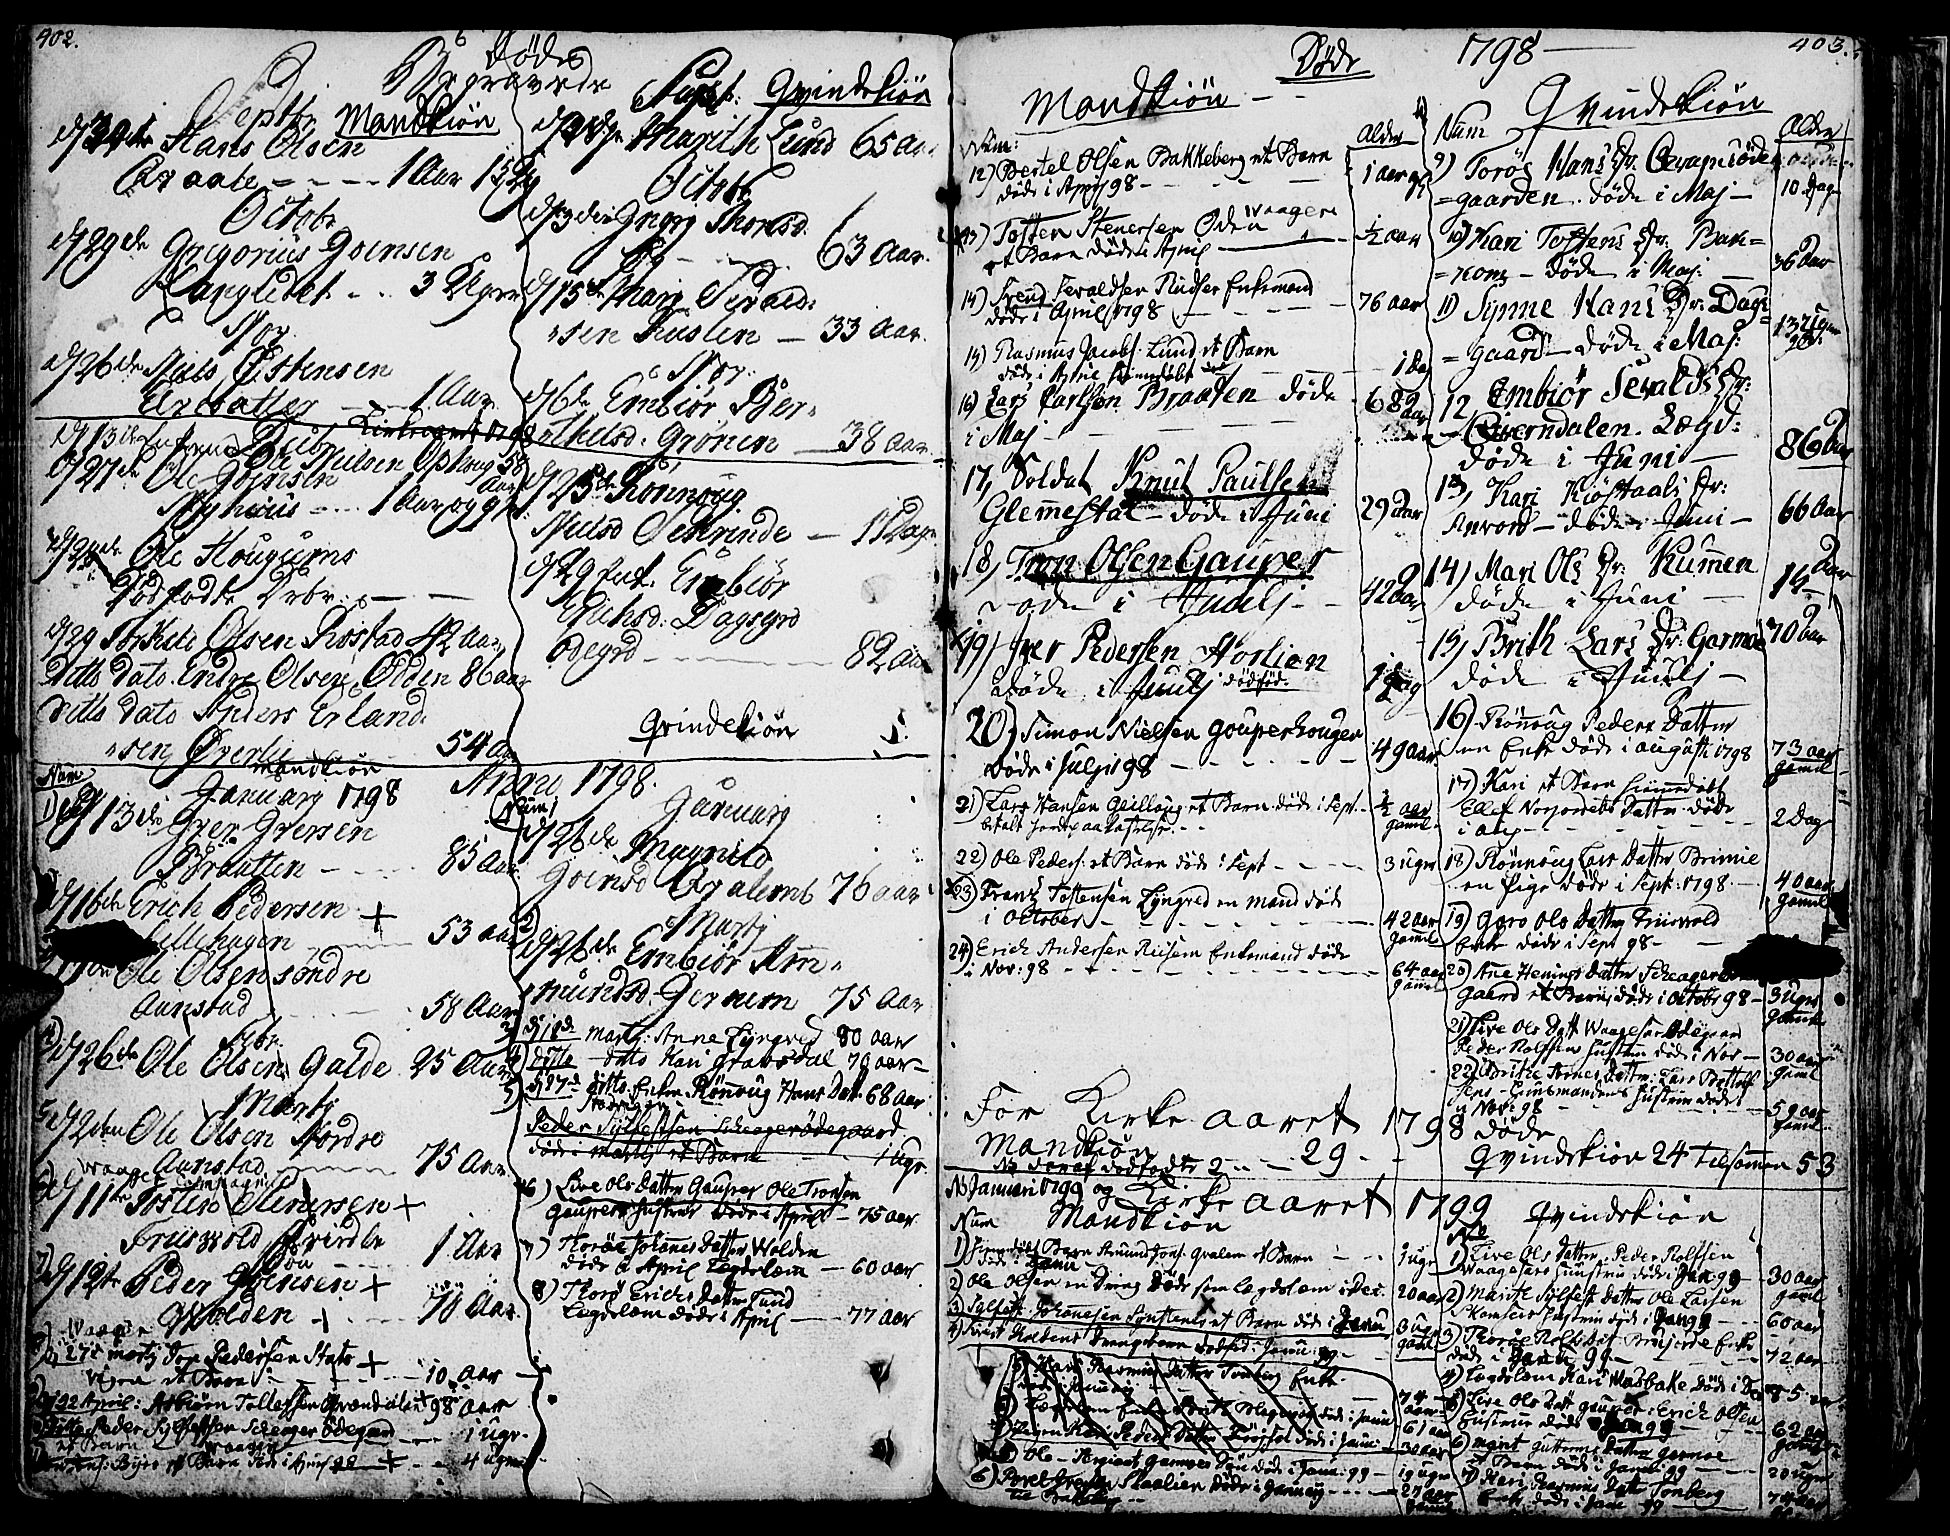 SAH, Lom prestekontor, K/L0002: Ministerialbok nr. 2, 1749-1801, s. 402-403